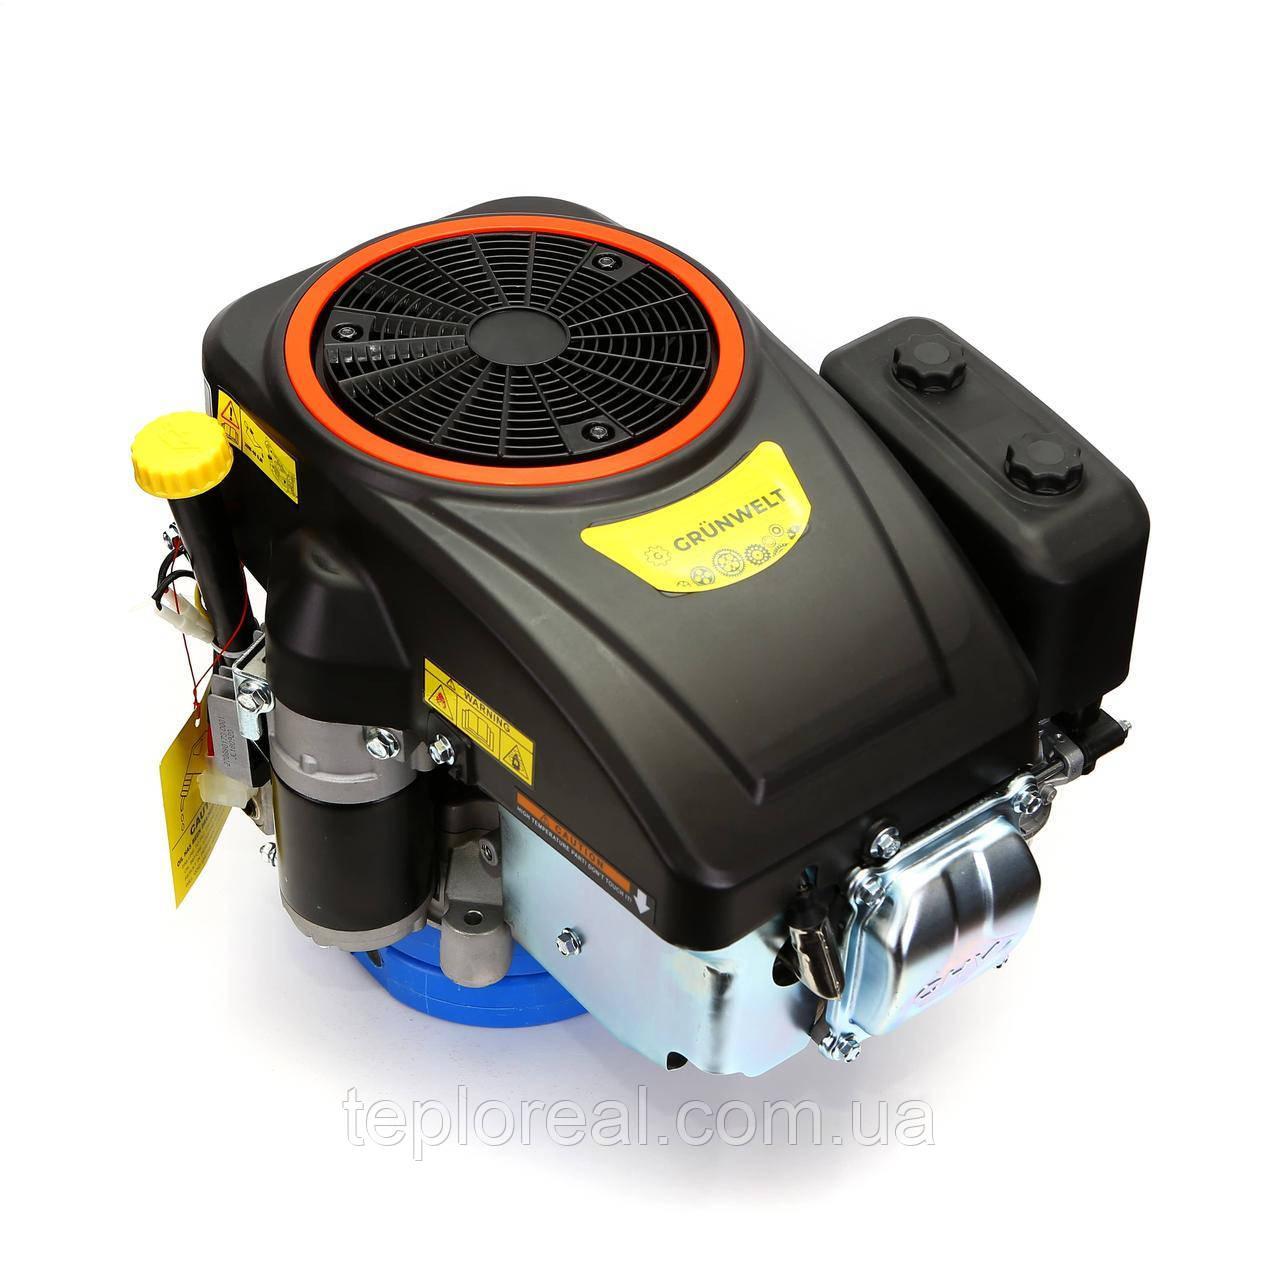 Бензиновый двигатель Grünwelt GW-1P90FЕ с вертикальным валом